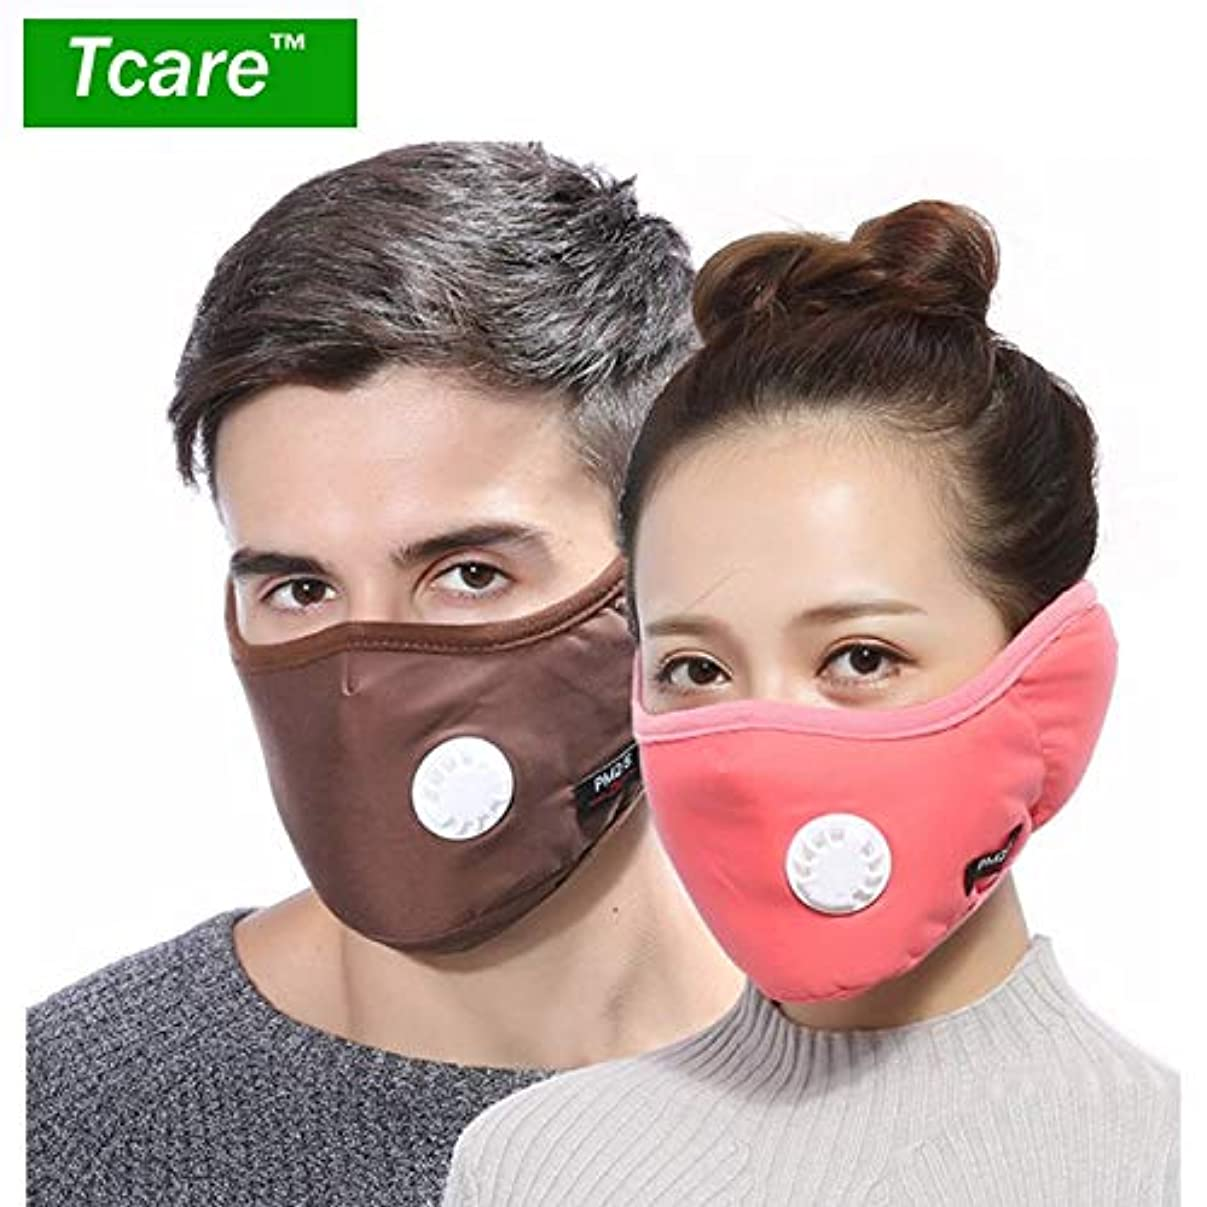 ビデオインテリア捧げる1ブラック:1 PM2.5マスクバルブコットンアンチダスト口マスクの冬のイヤーマフActtedフィルター付マスクでTcare 2